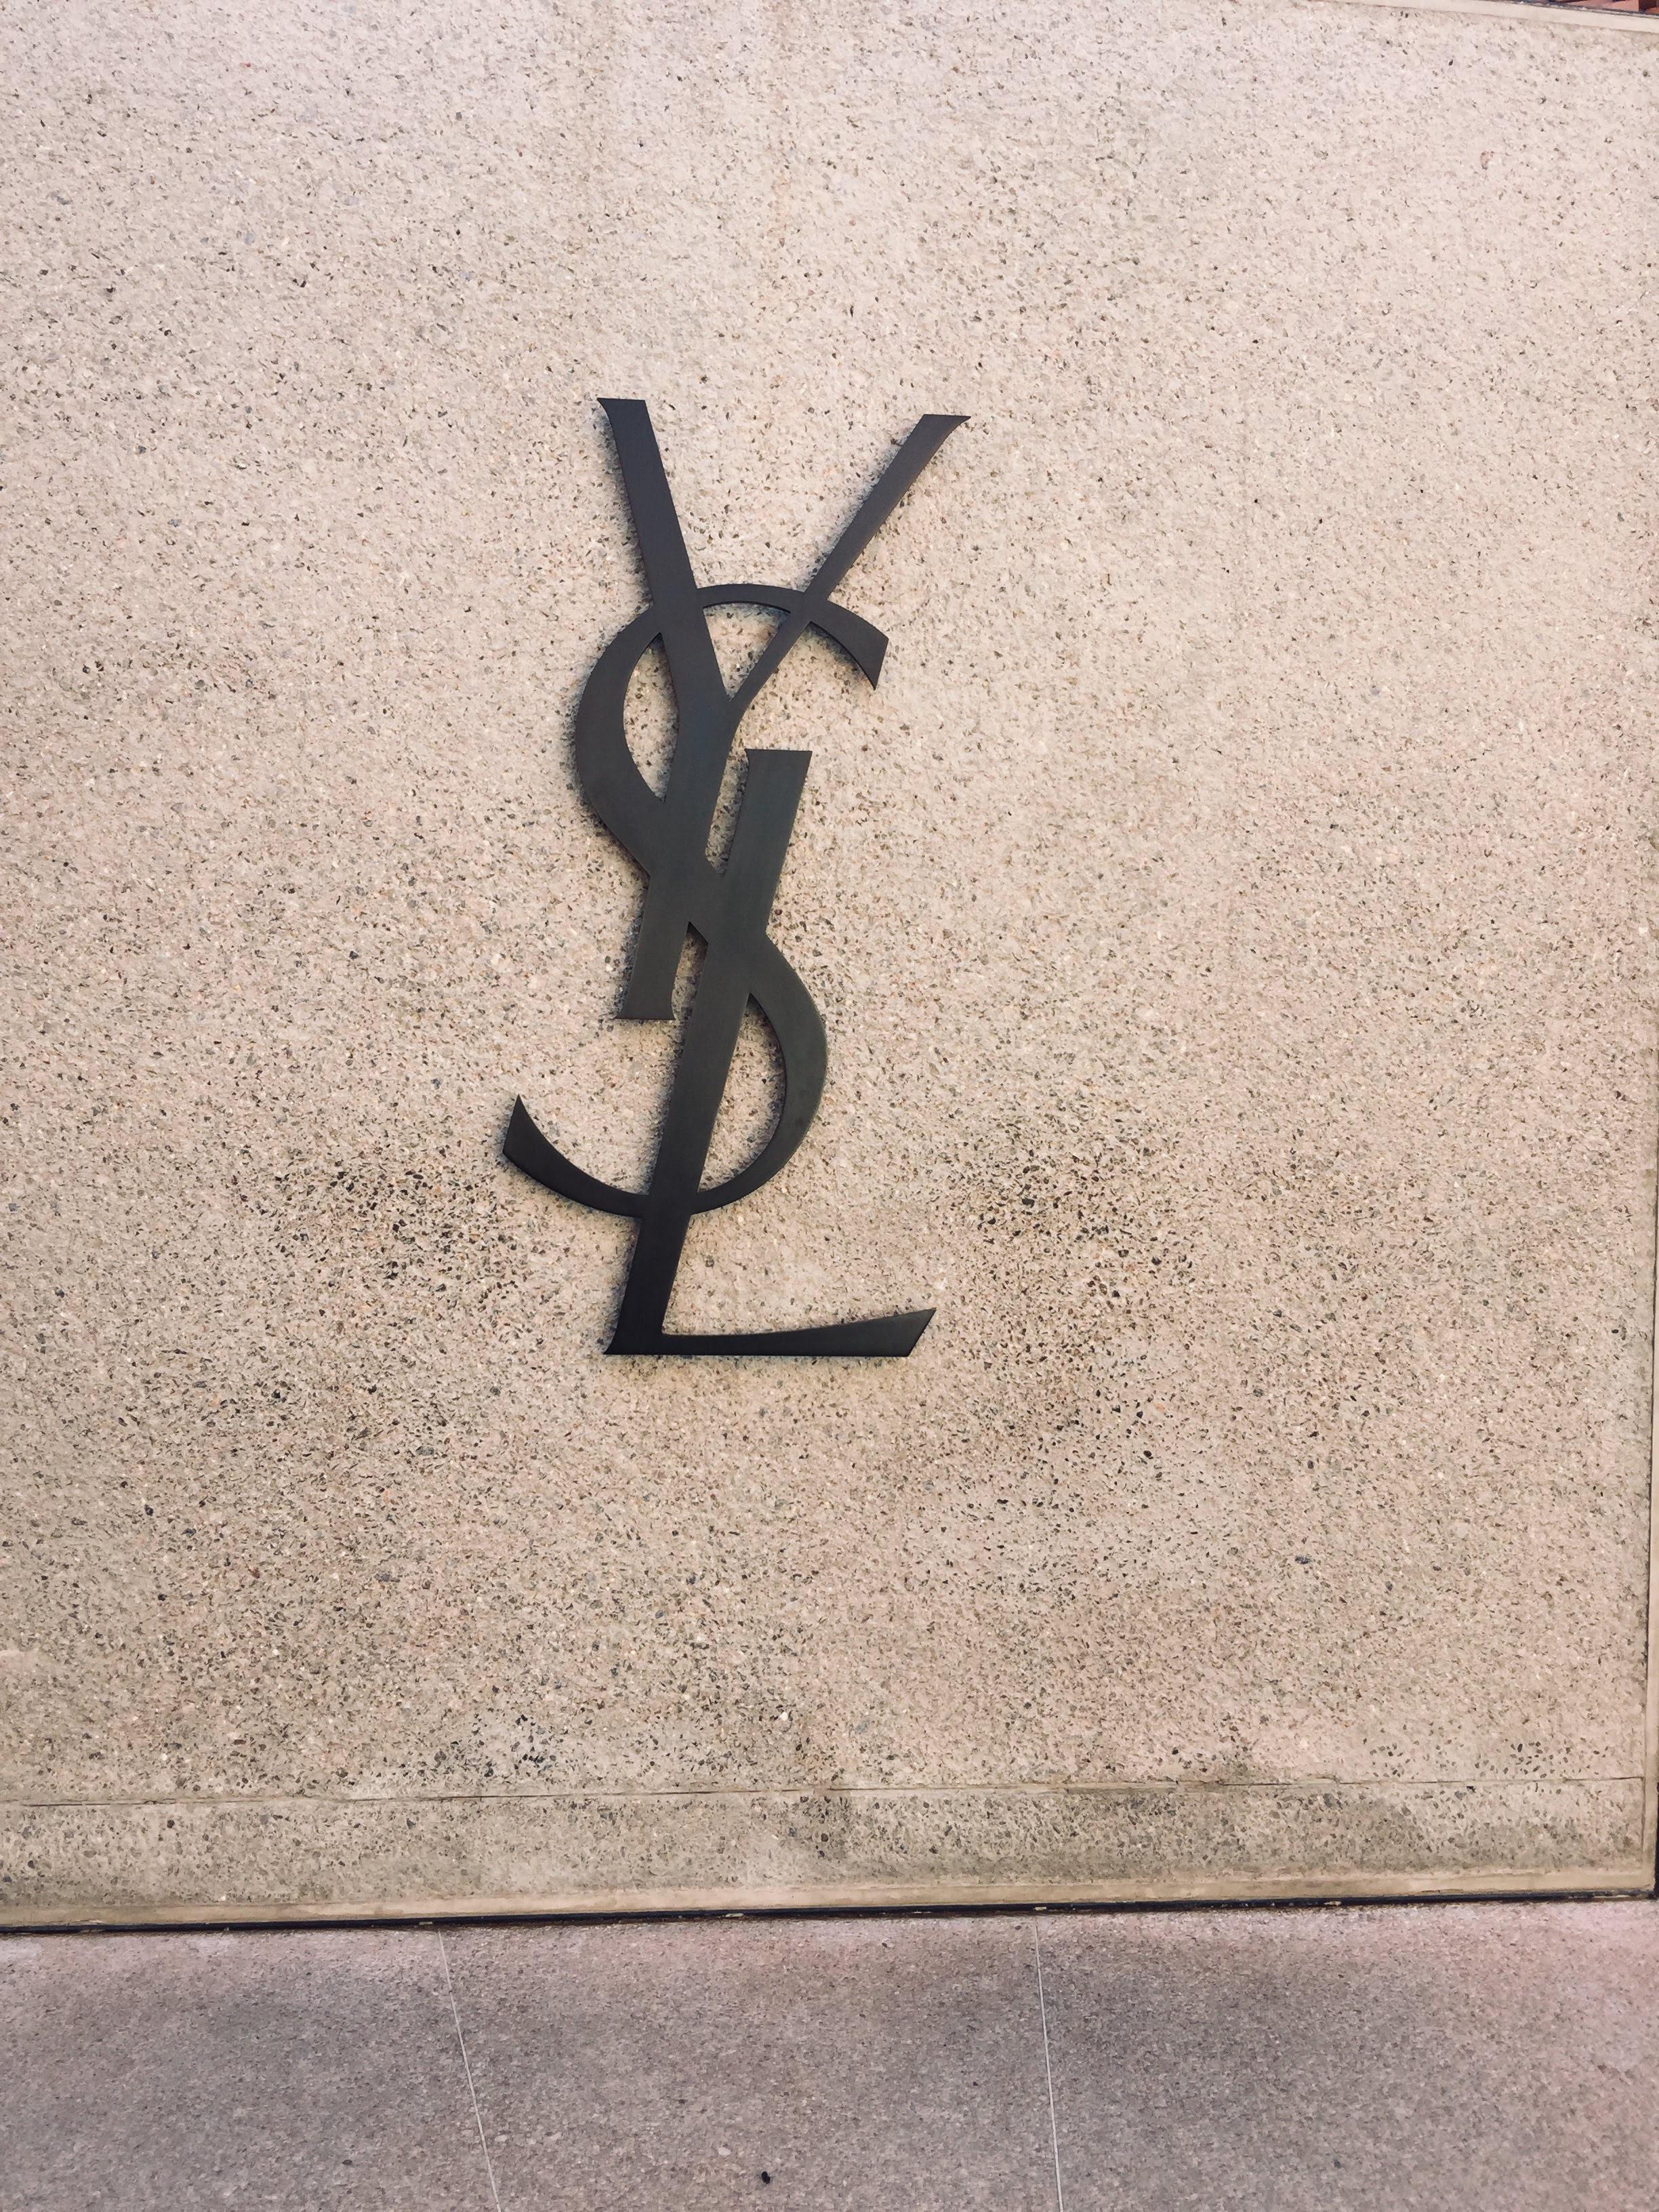 Sehenswürdigkeiten Marrakesch: Yves Saint Laurent Museum Marrakesch